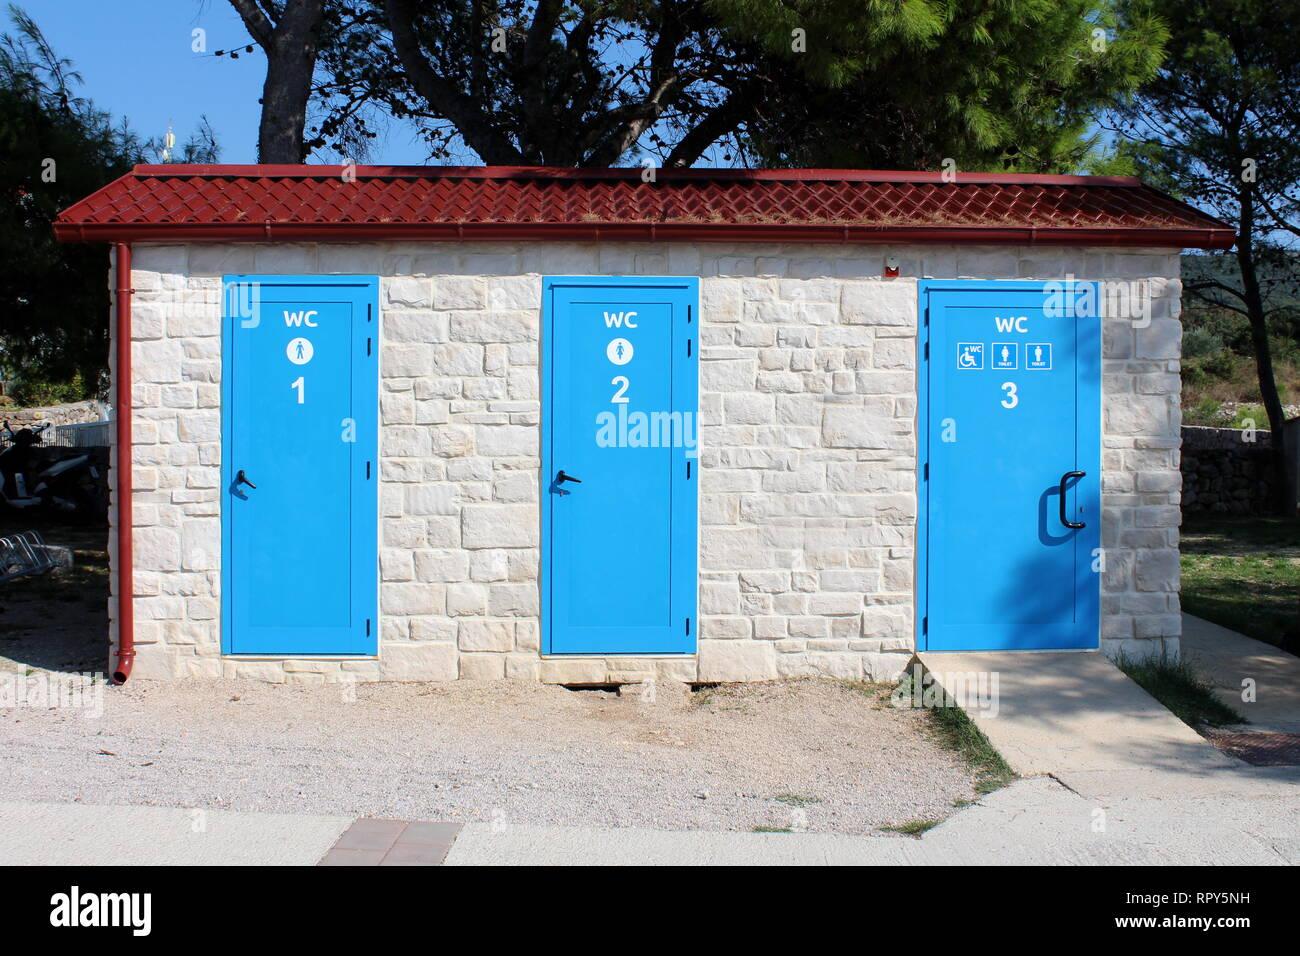 Outdoor spiaggia pubblica servizi igienici in una fila per uomo e donna di persone disabili in ben costruito nuove tradizionale struttura in pietra circondato con ghiaia Immagini Stock